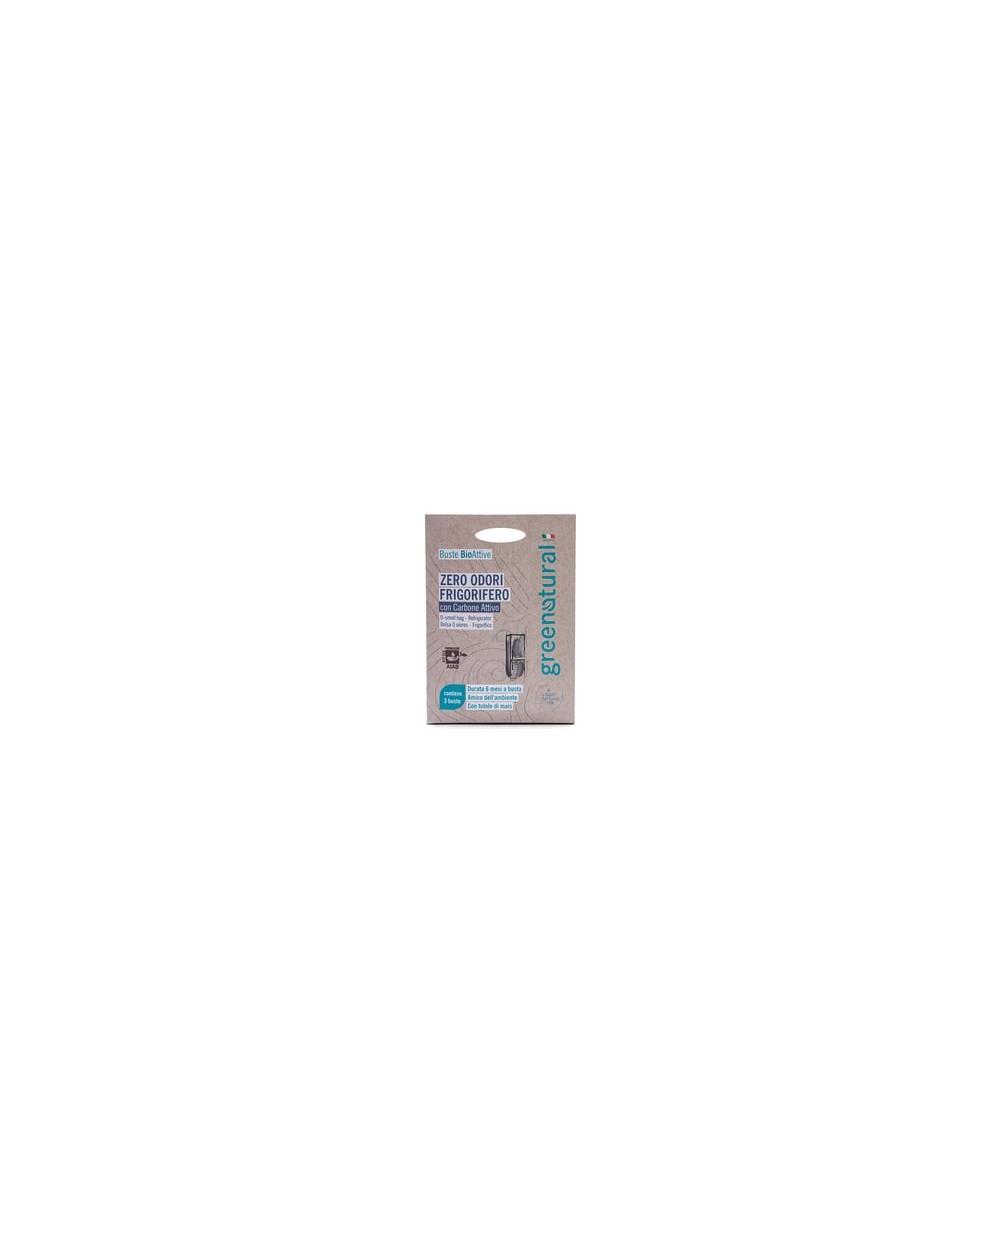 Greenatural - Buste bioattive zero odori frigorifero